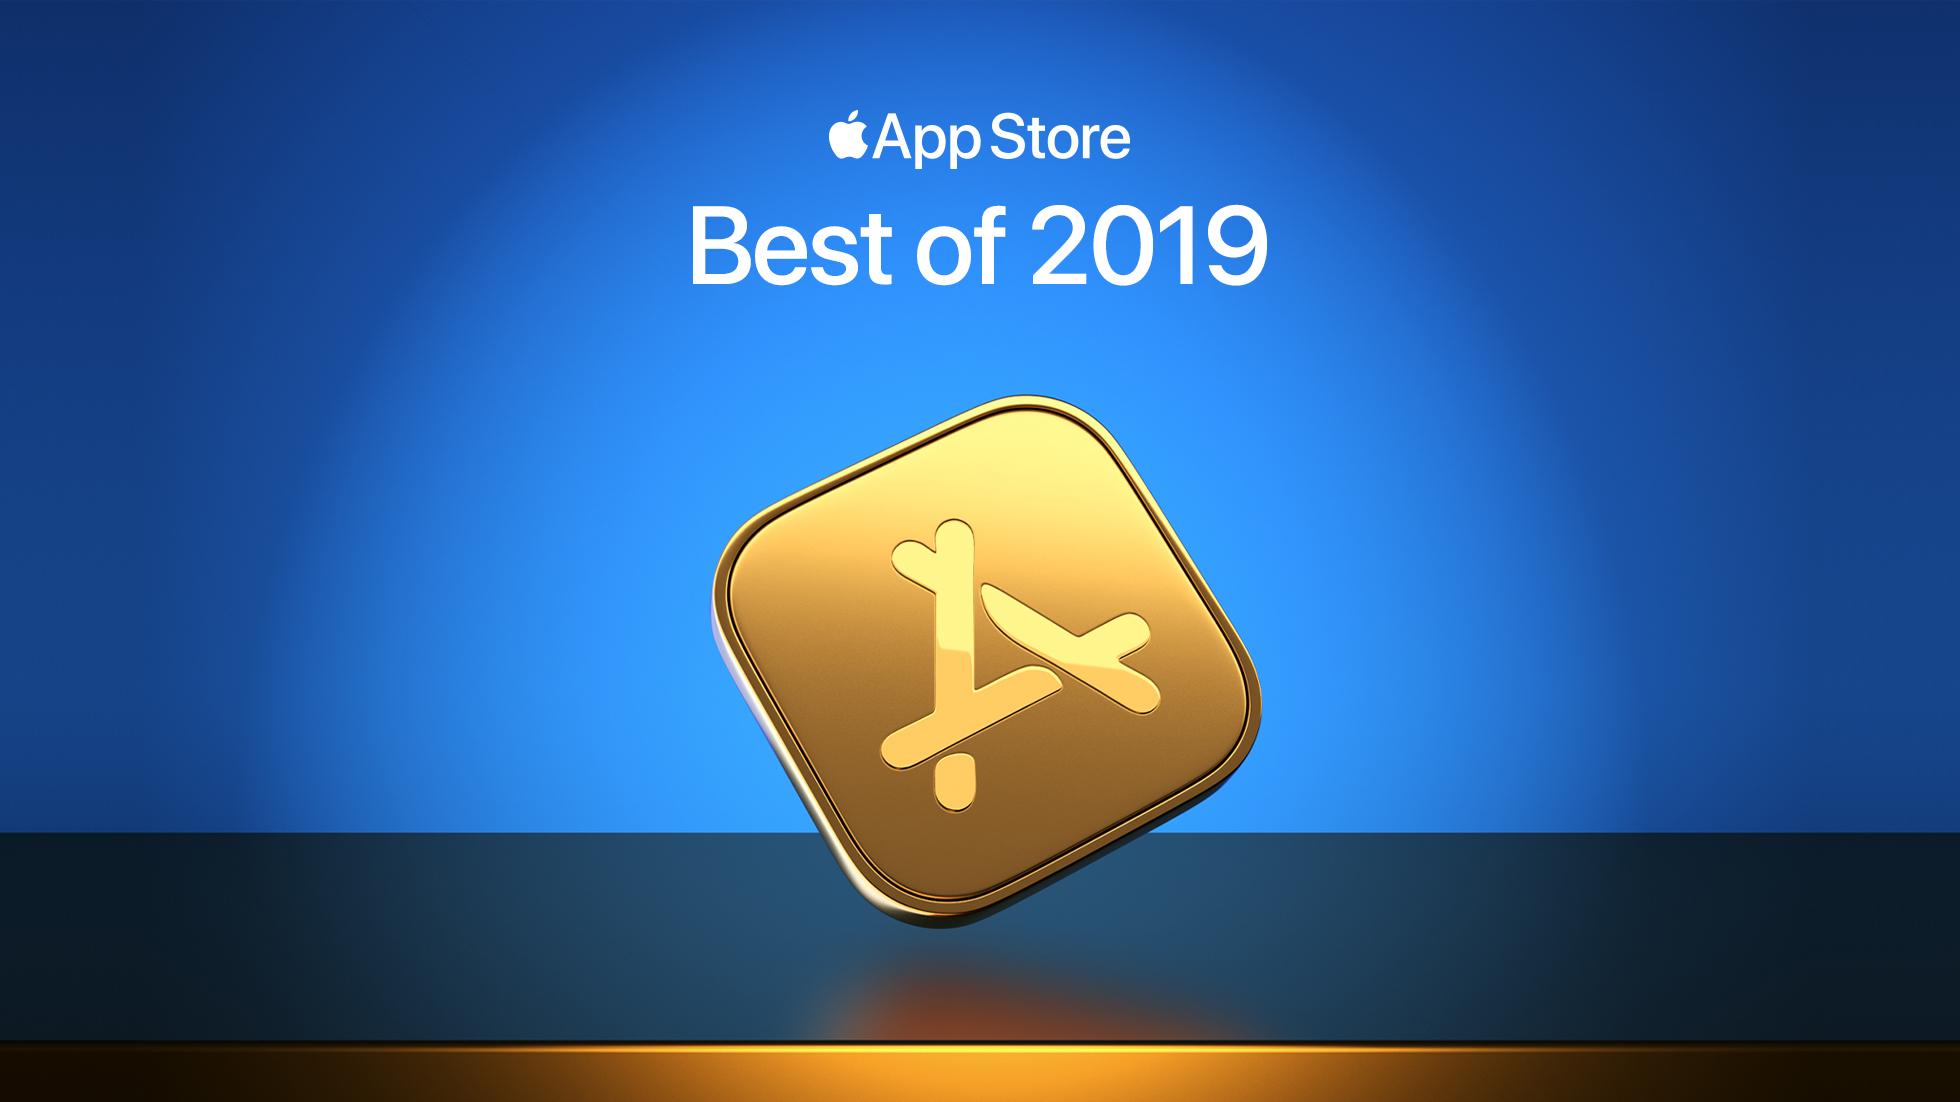 Apple feiert die besten Apps und Spiele des Jahres 2019